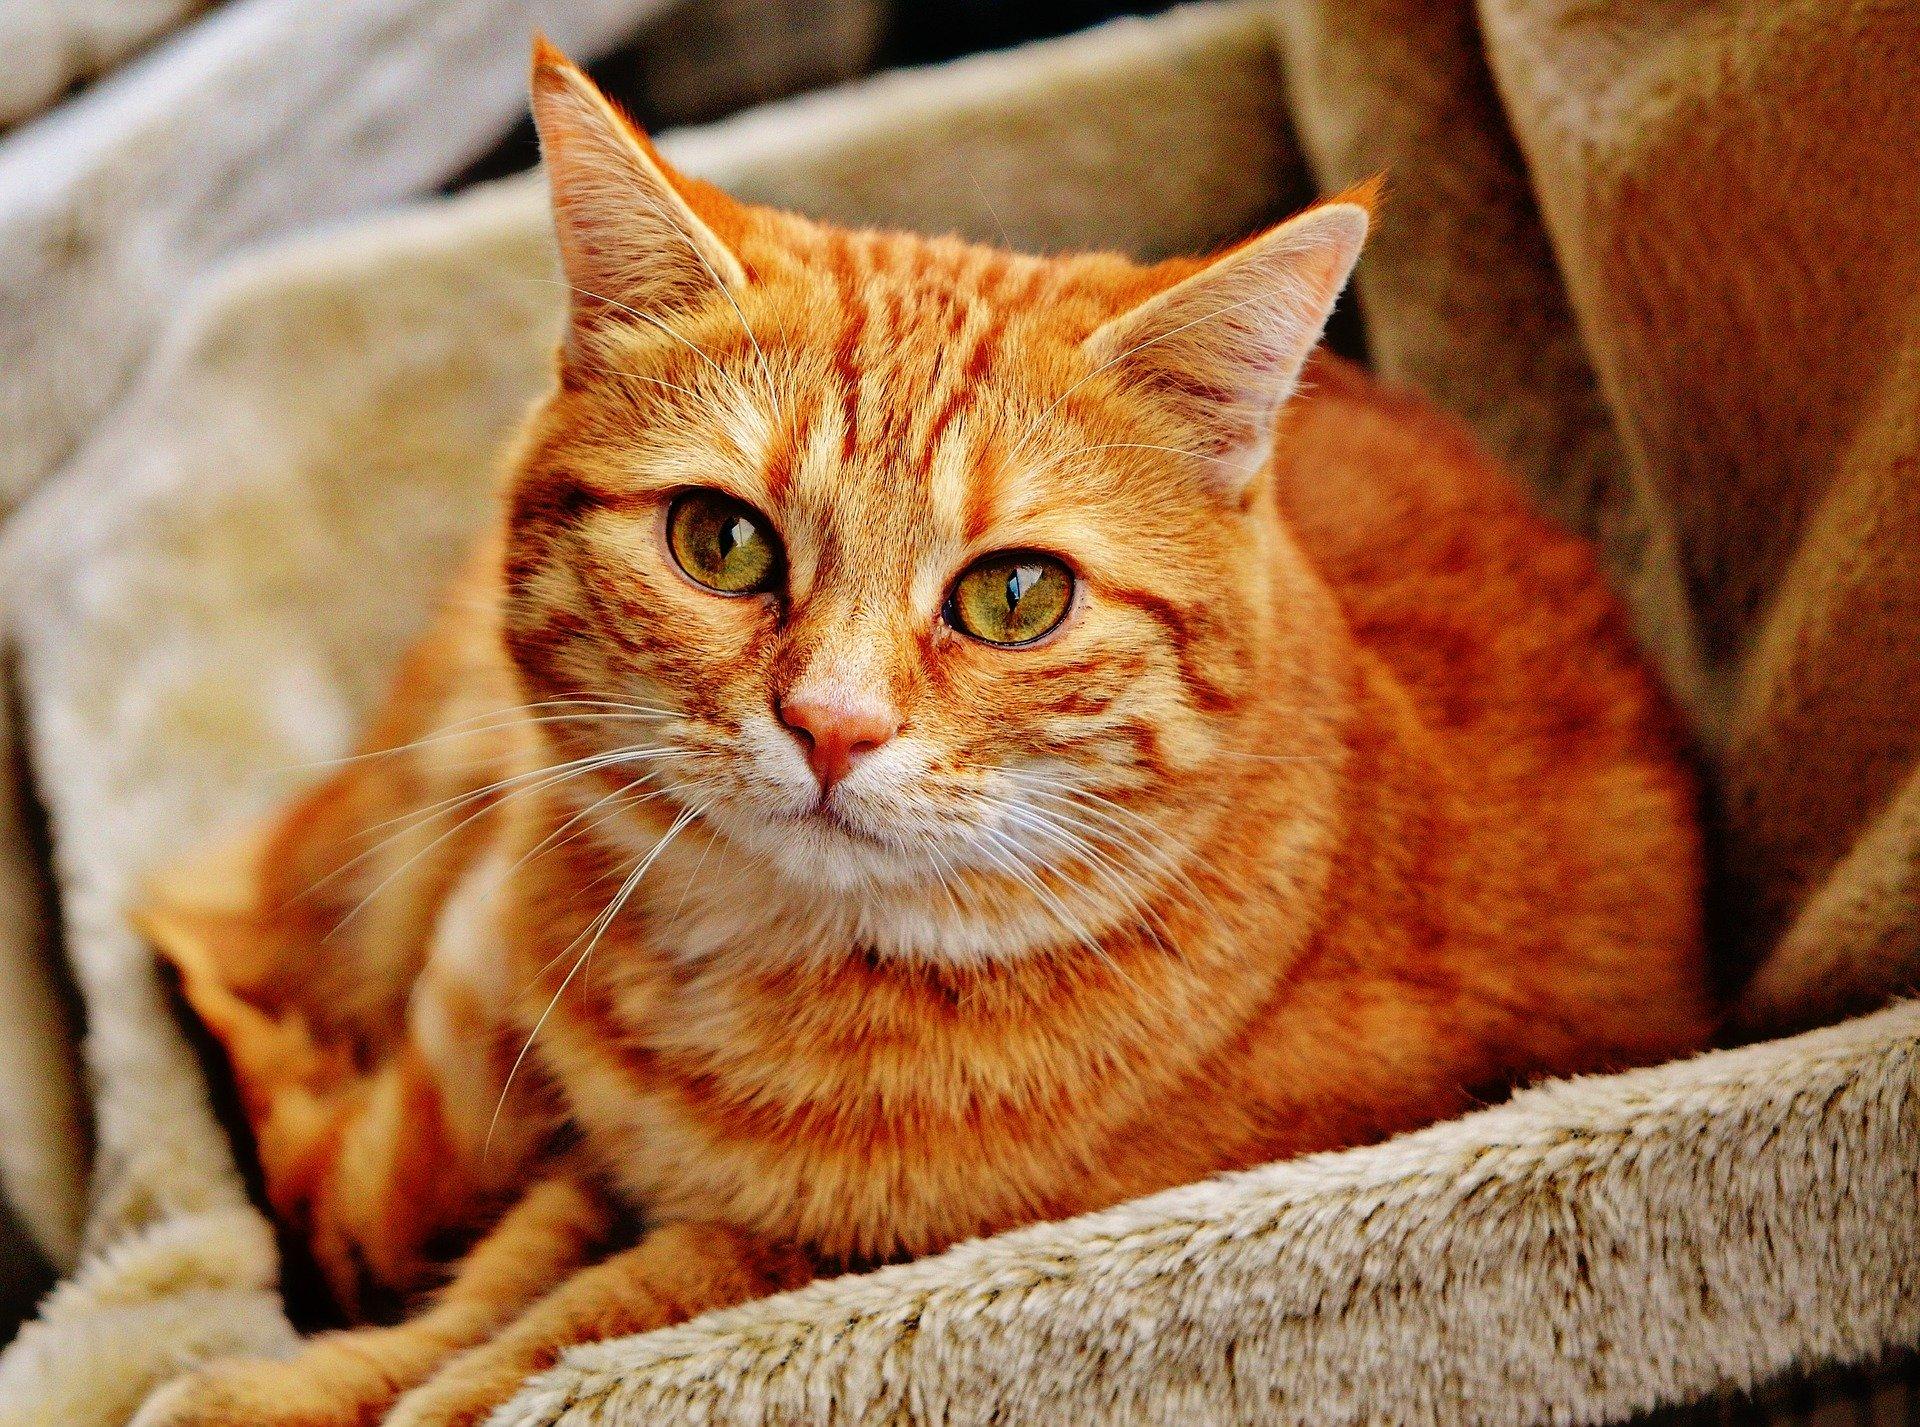 Un gato con una mirada tranqula